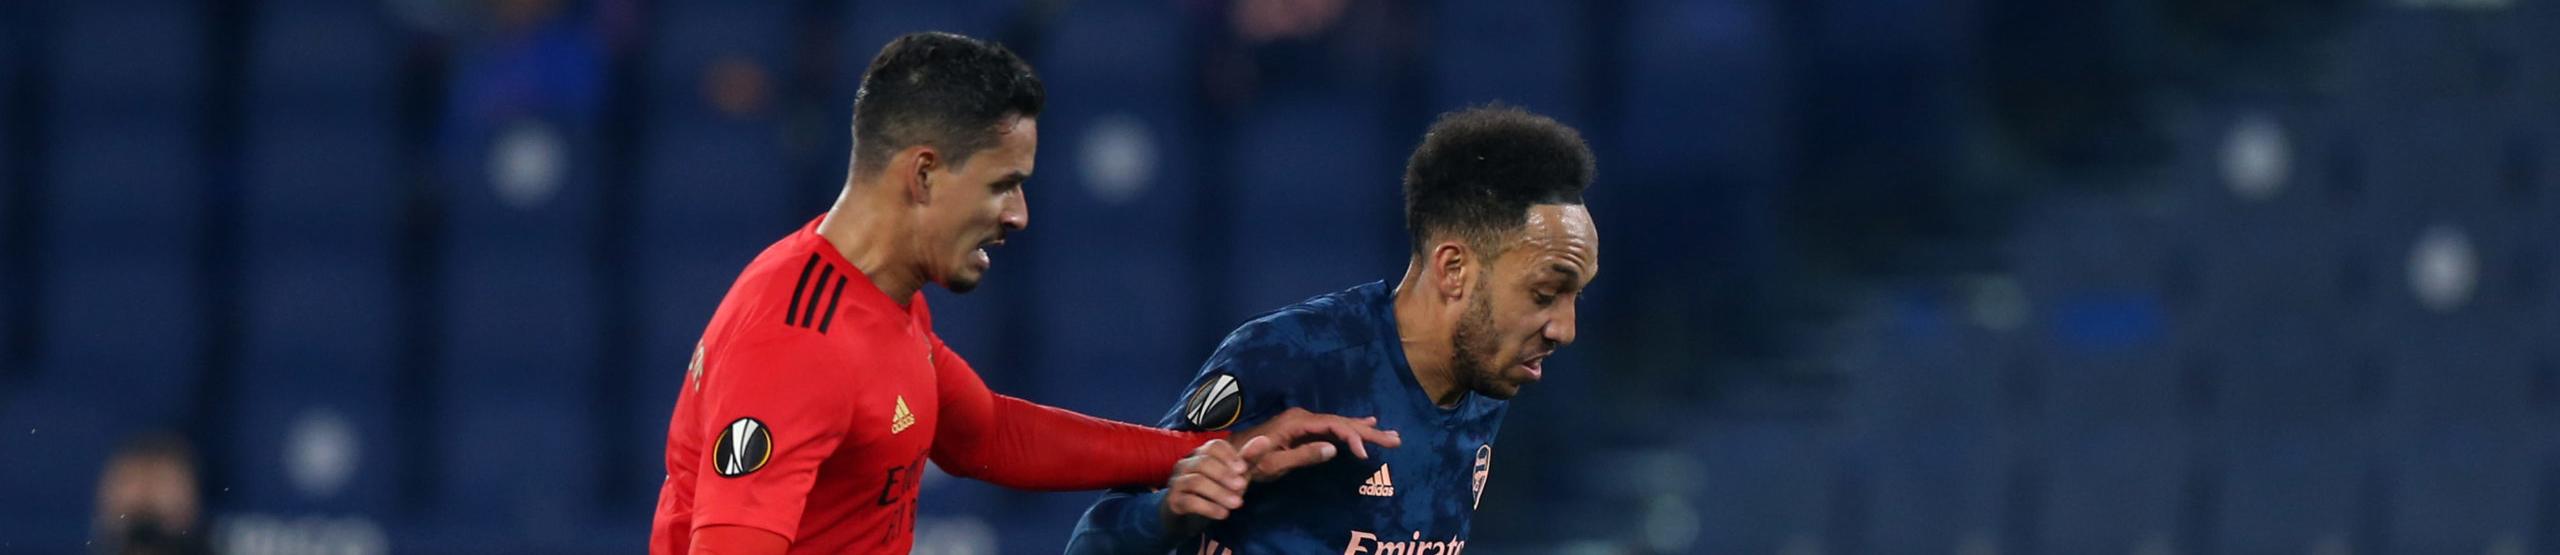 Pronostici Europa League: Lilla e Bayer a caccia di rimonte, chi passa tra Arsenal e Benfica?